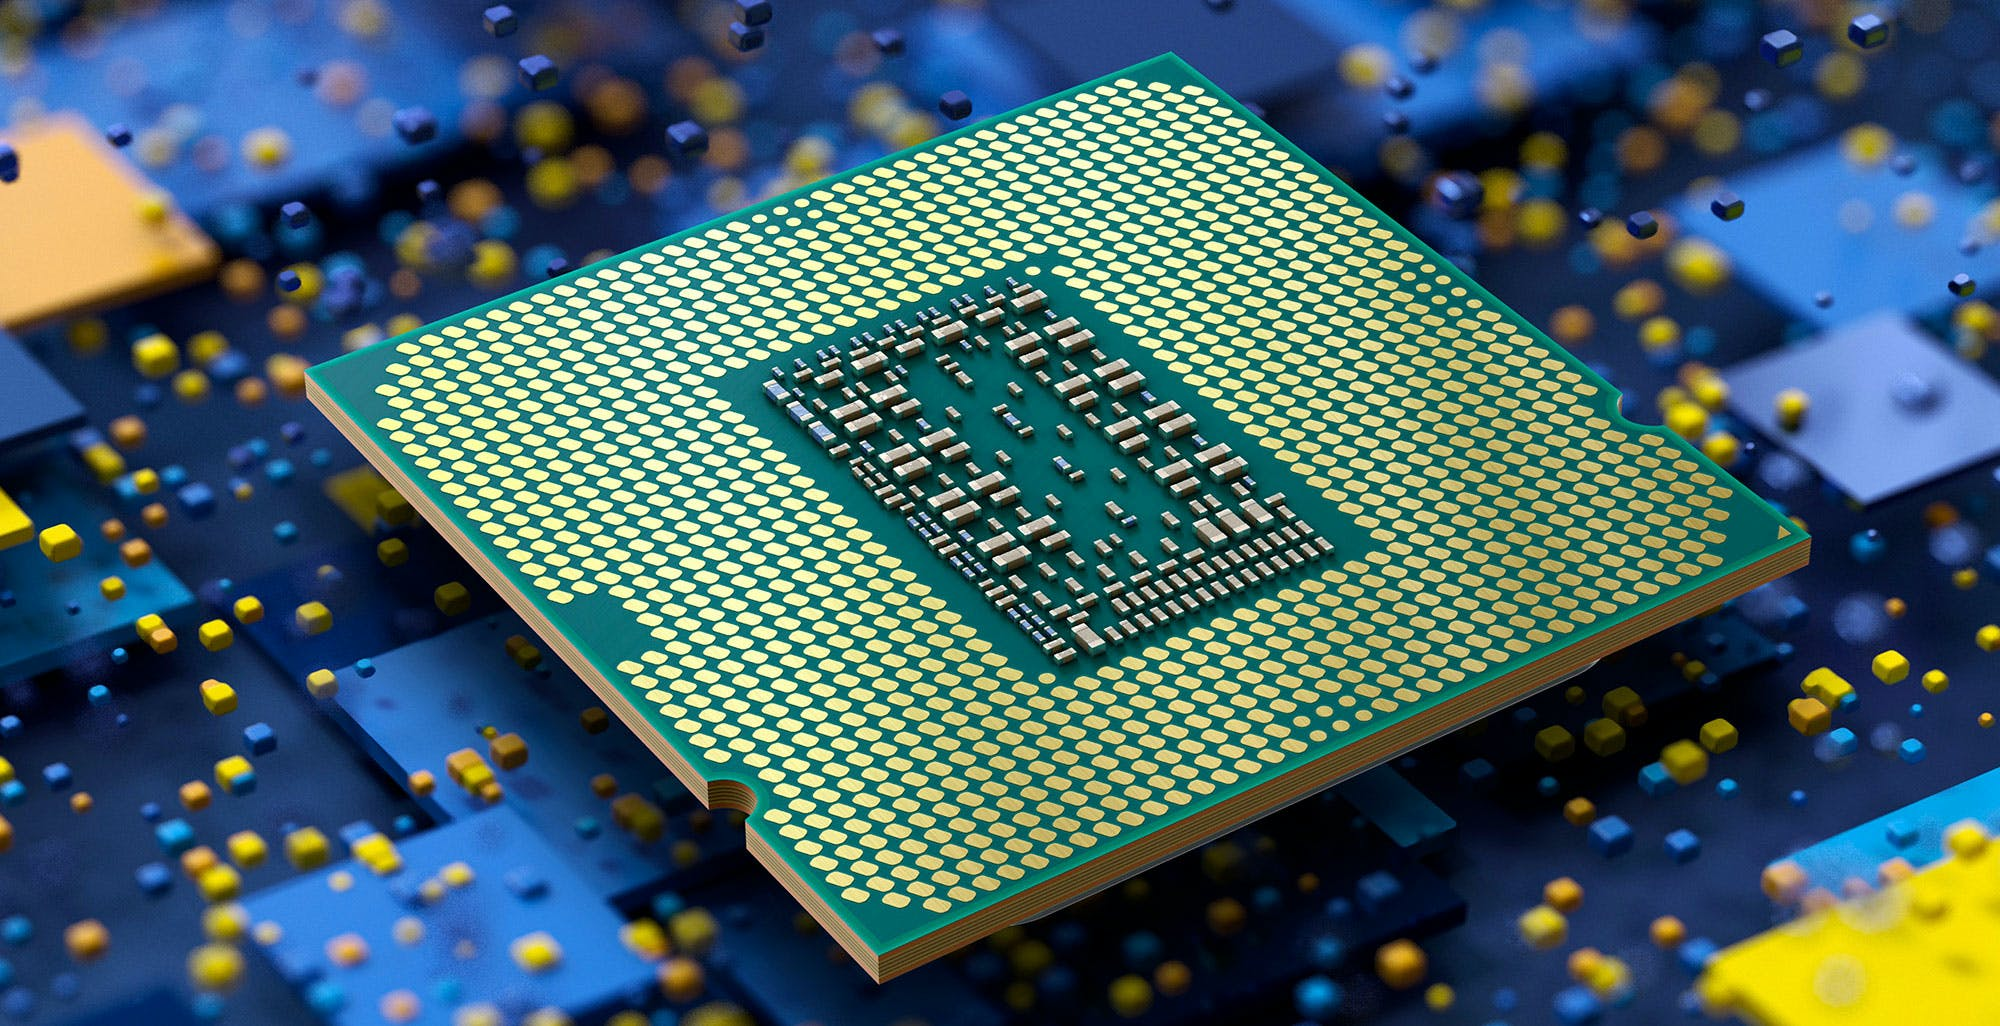 Intel, ecco Rocket Lake-S: modelli, prezzi e caratteristiche dei nuovi processori per desktop